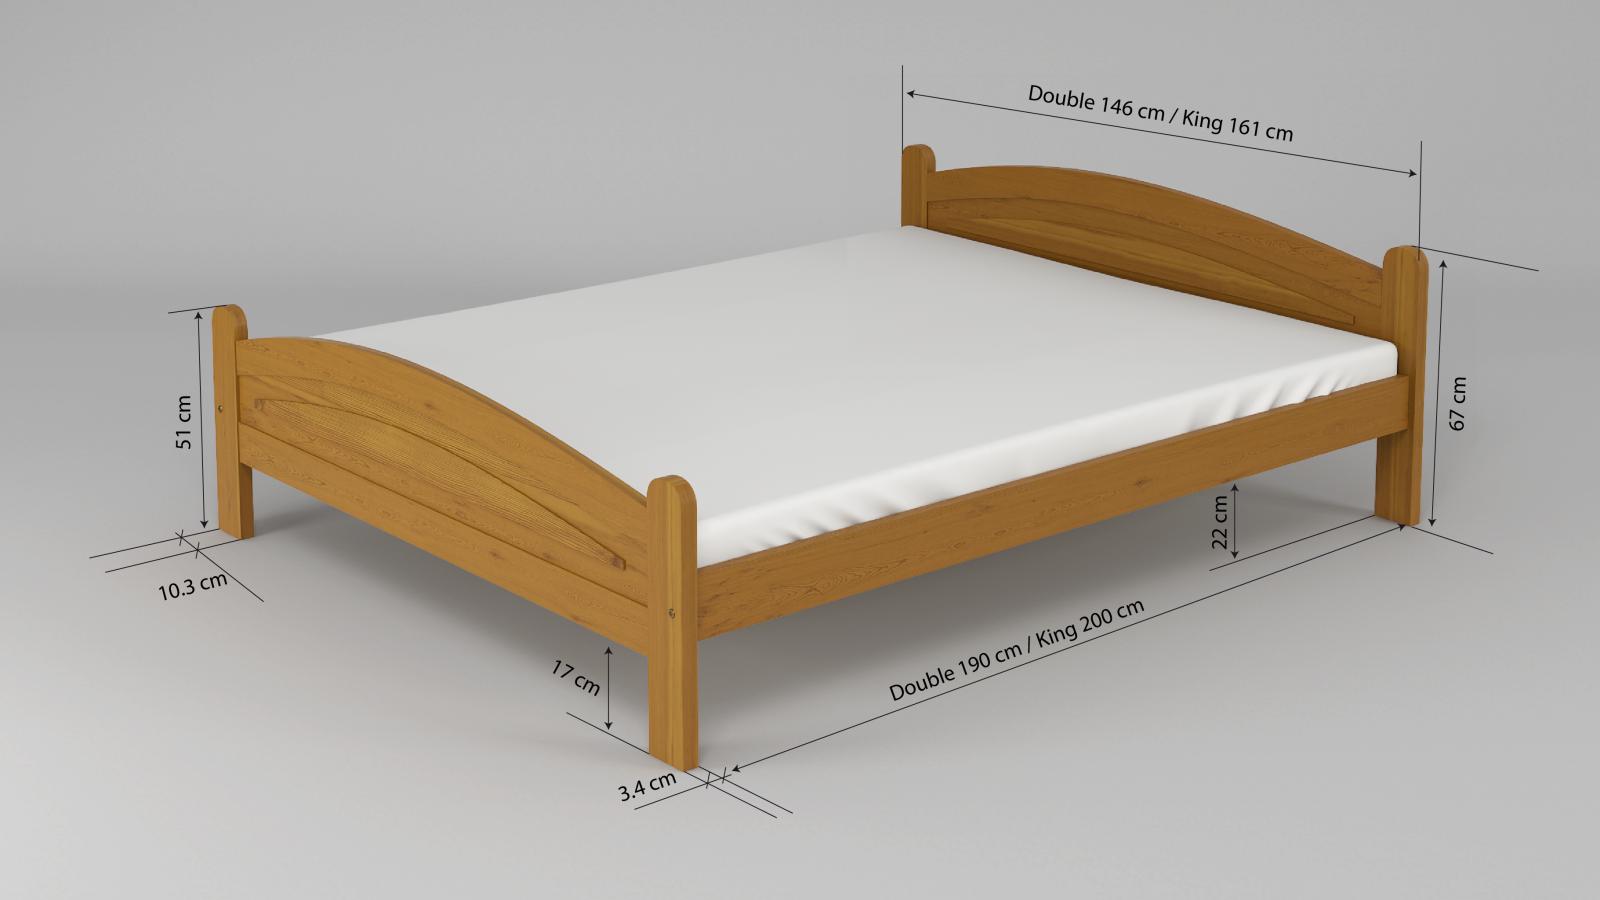 solid wooden bed frame pine wood double 4ft6 king size 5ft alder oak walnut ebay. Black Bedroom Furniture Sets. Home Design Ideas